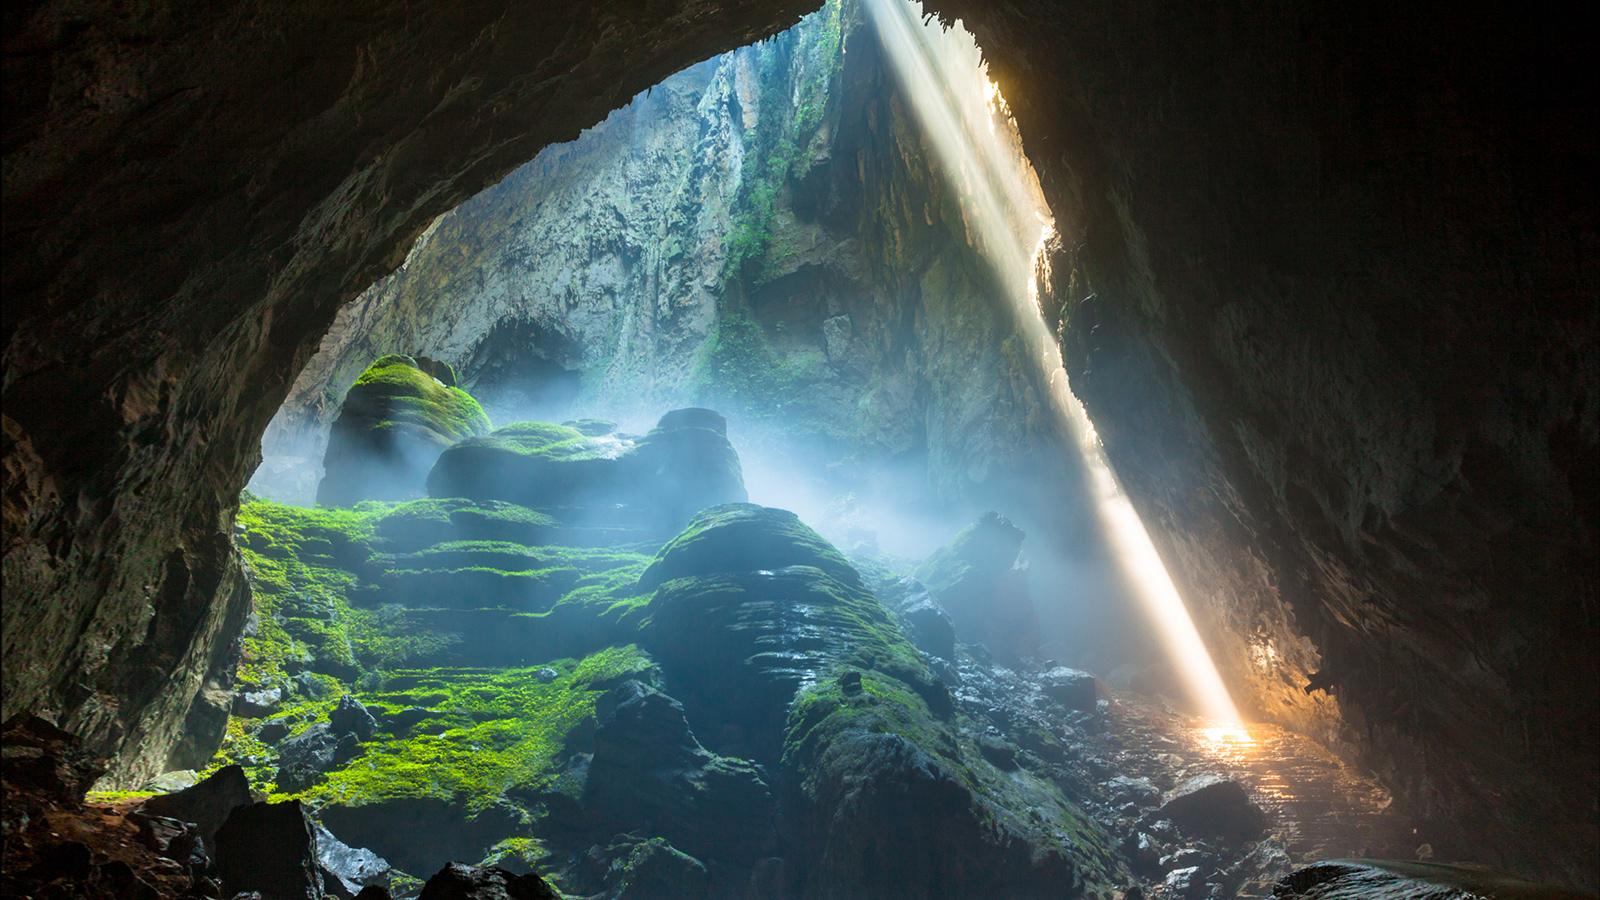 Объём Сон-Дунга увеличился на 1,6 миллиона кубических метров благодаря открытию подземной пещеры